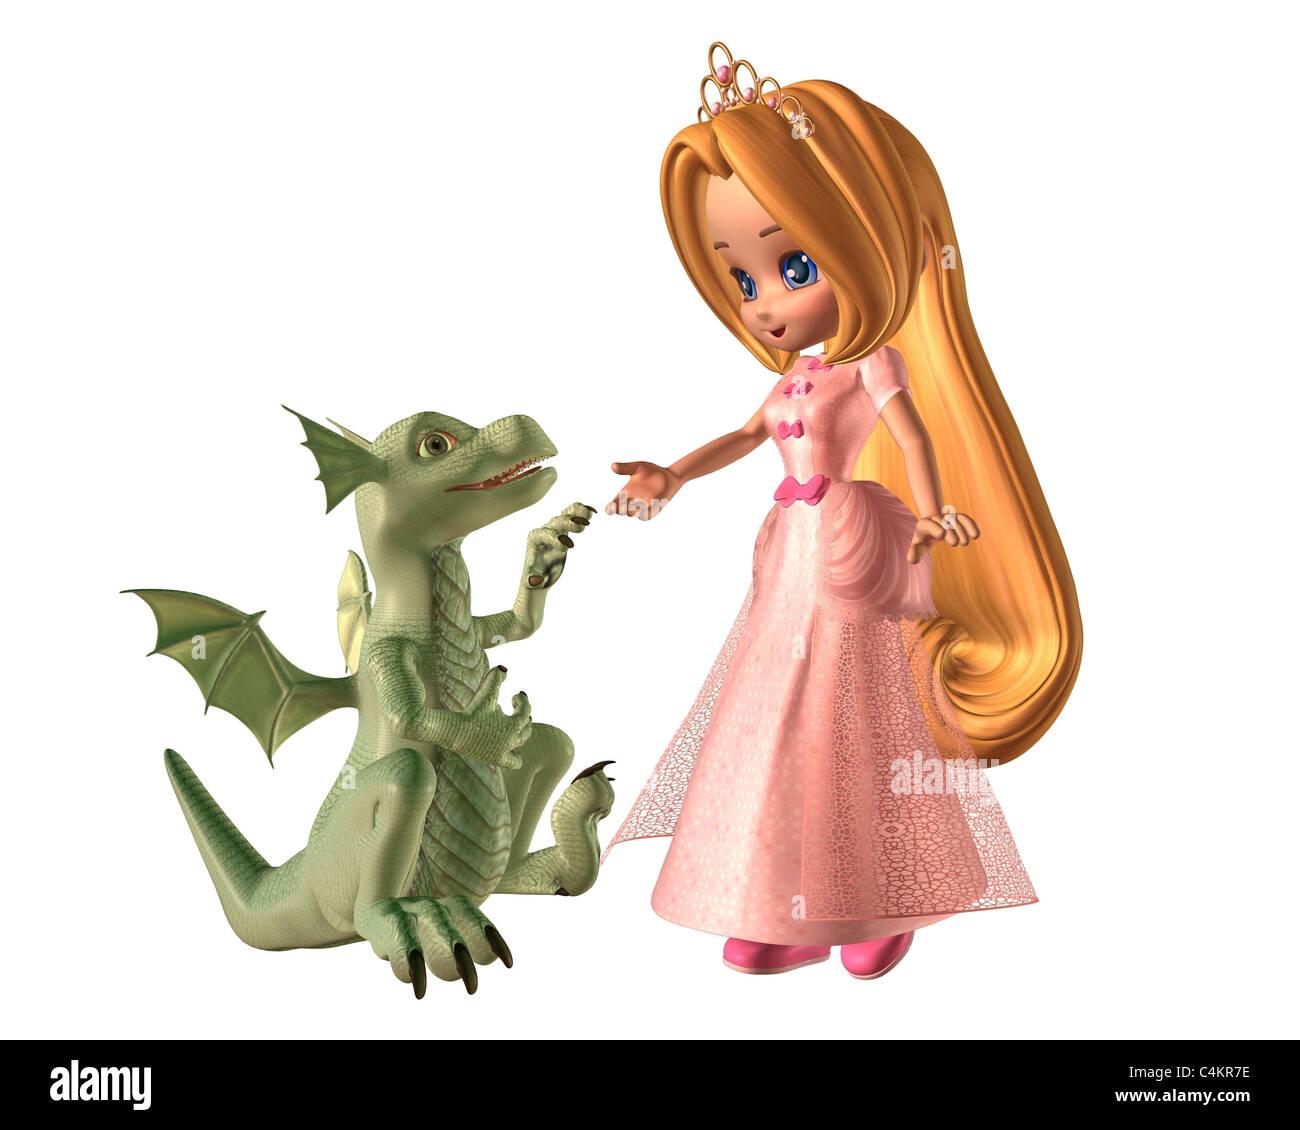 Toon-Prinzessin und Baby-Drachen Stockbild